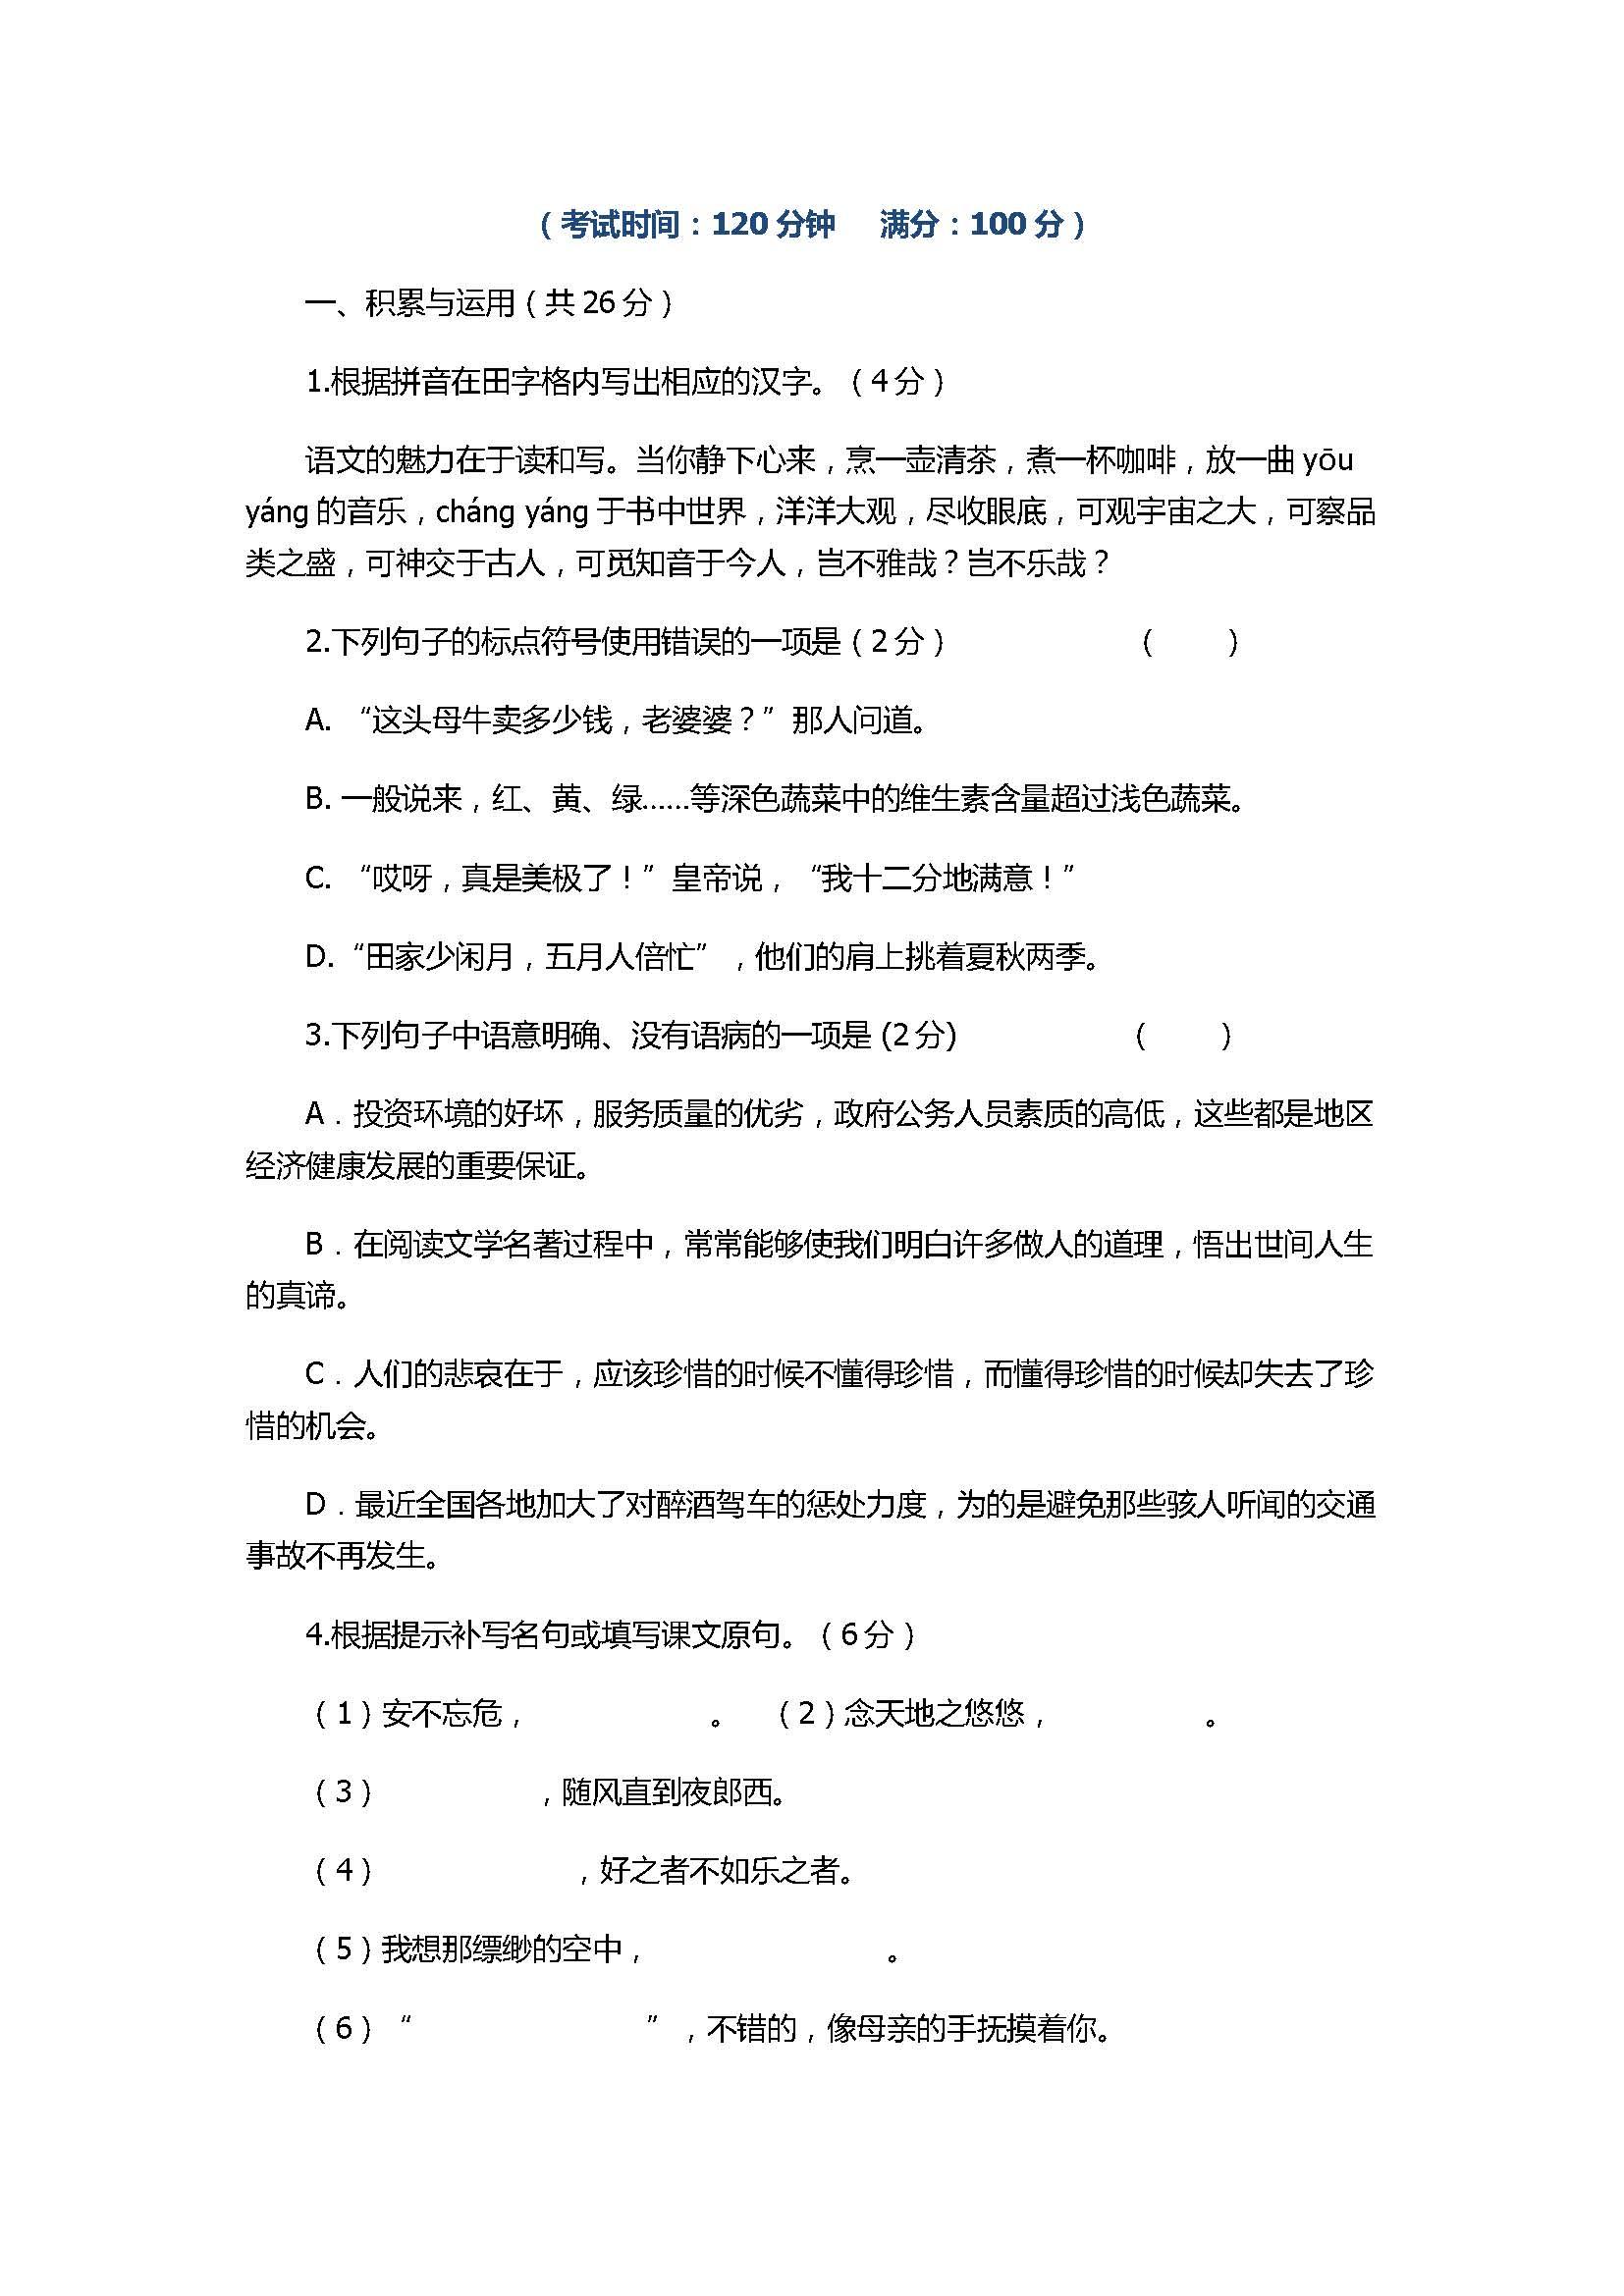 苏教版2017七年级语文上册期末试题带答案(江苏省靖江市)